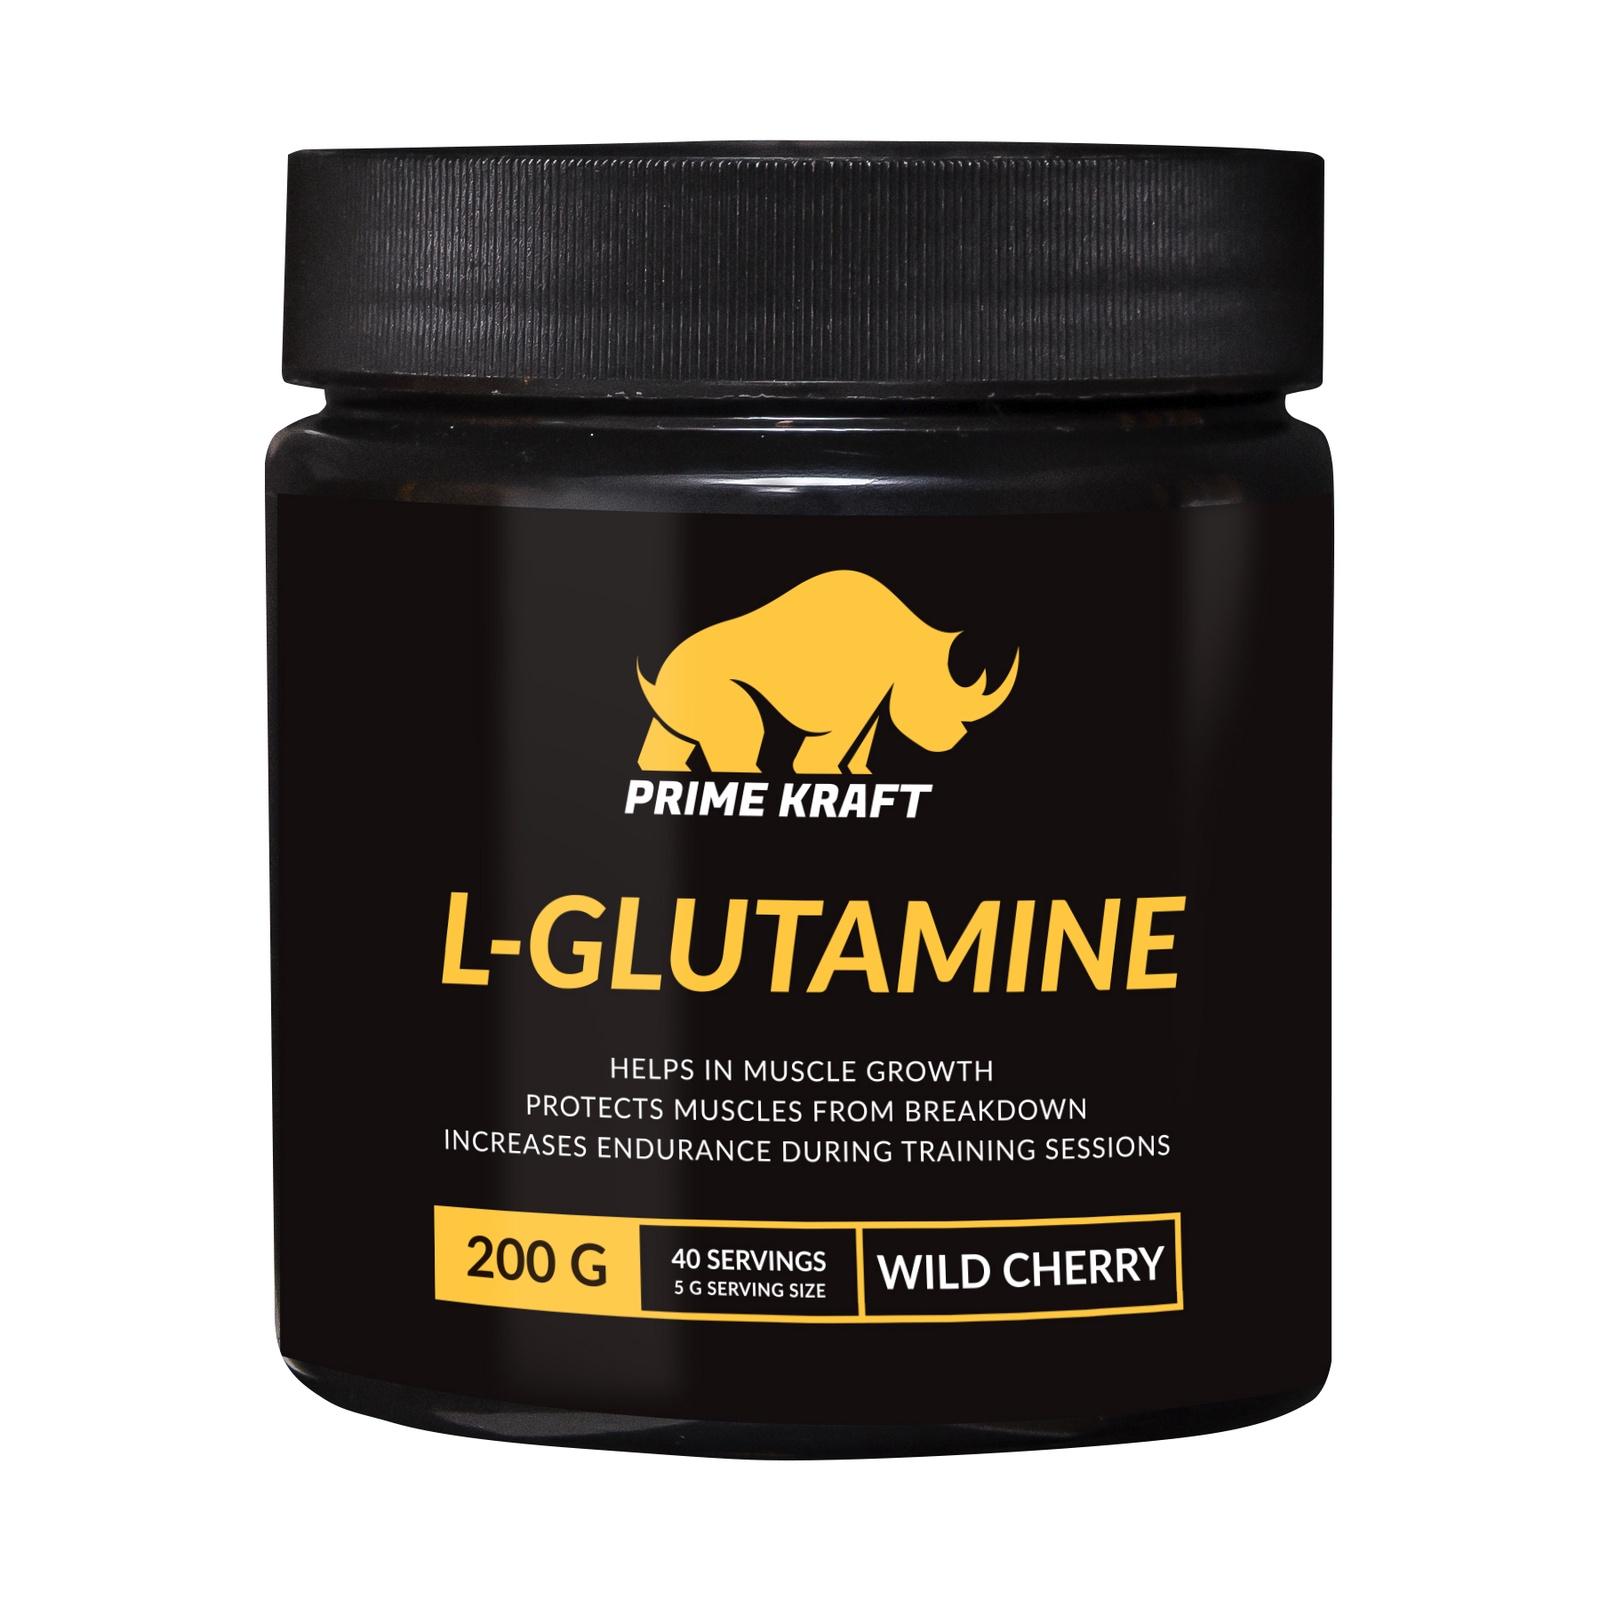 купить Напиток сухой Prime Kraft L-Glutamine, коктейль фруктово-ягодный, дикая вишня, 200 г недорого